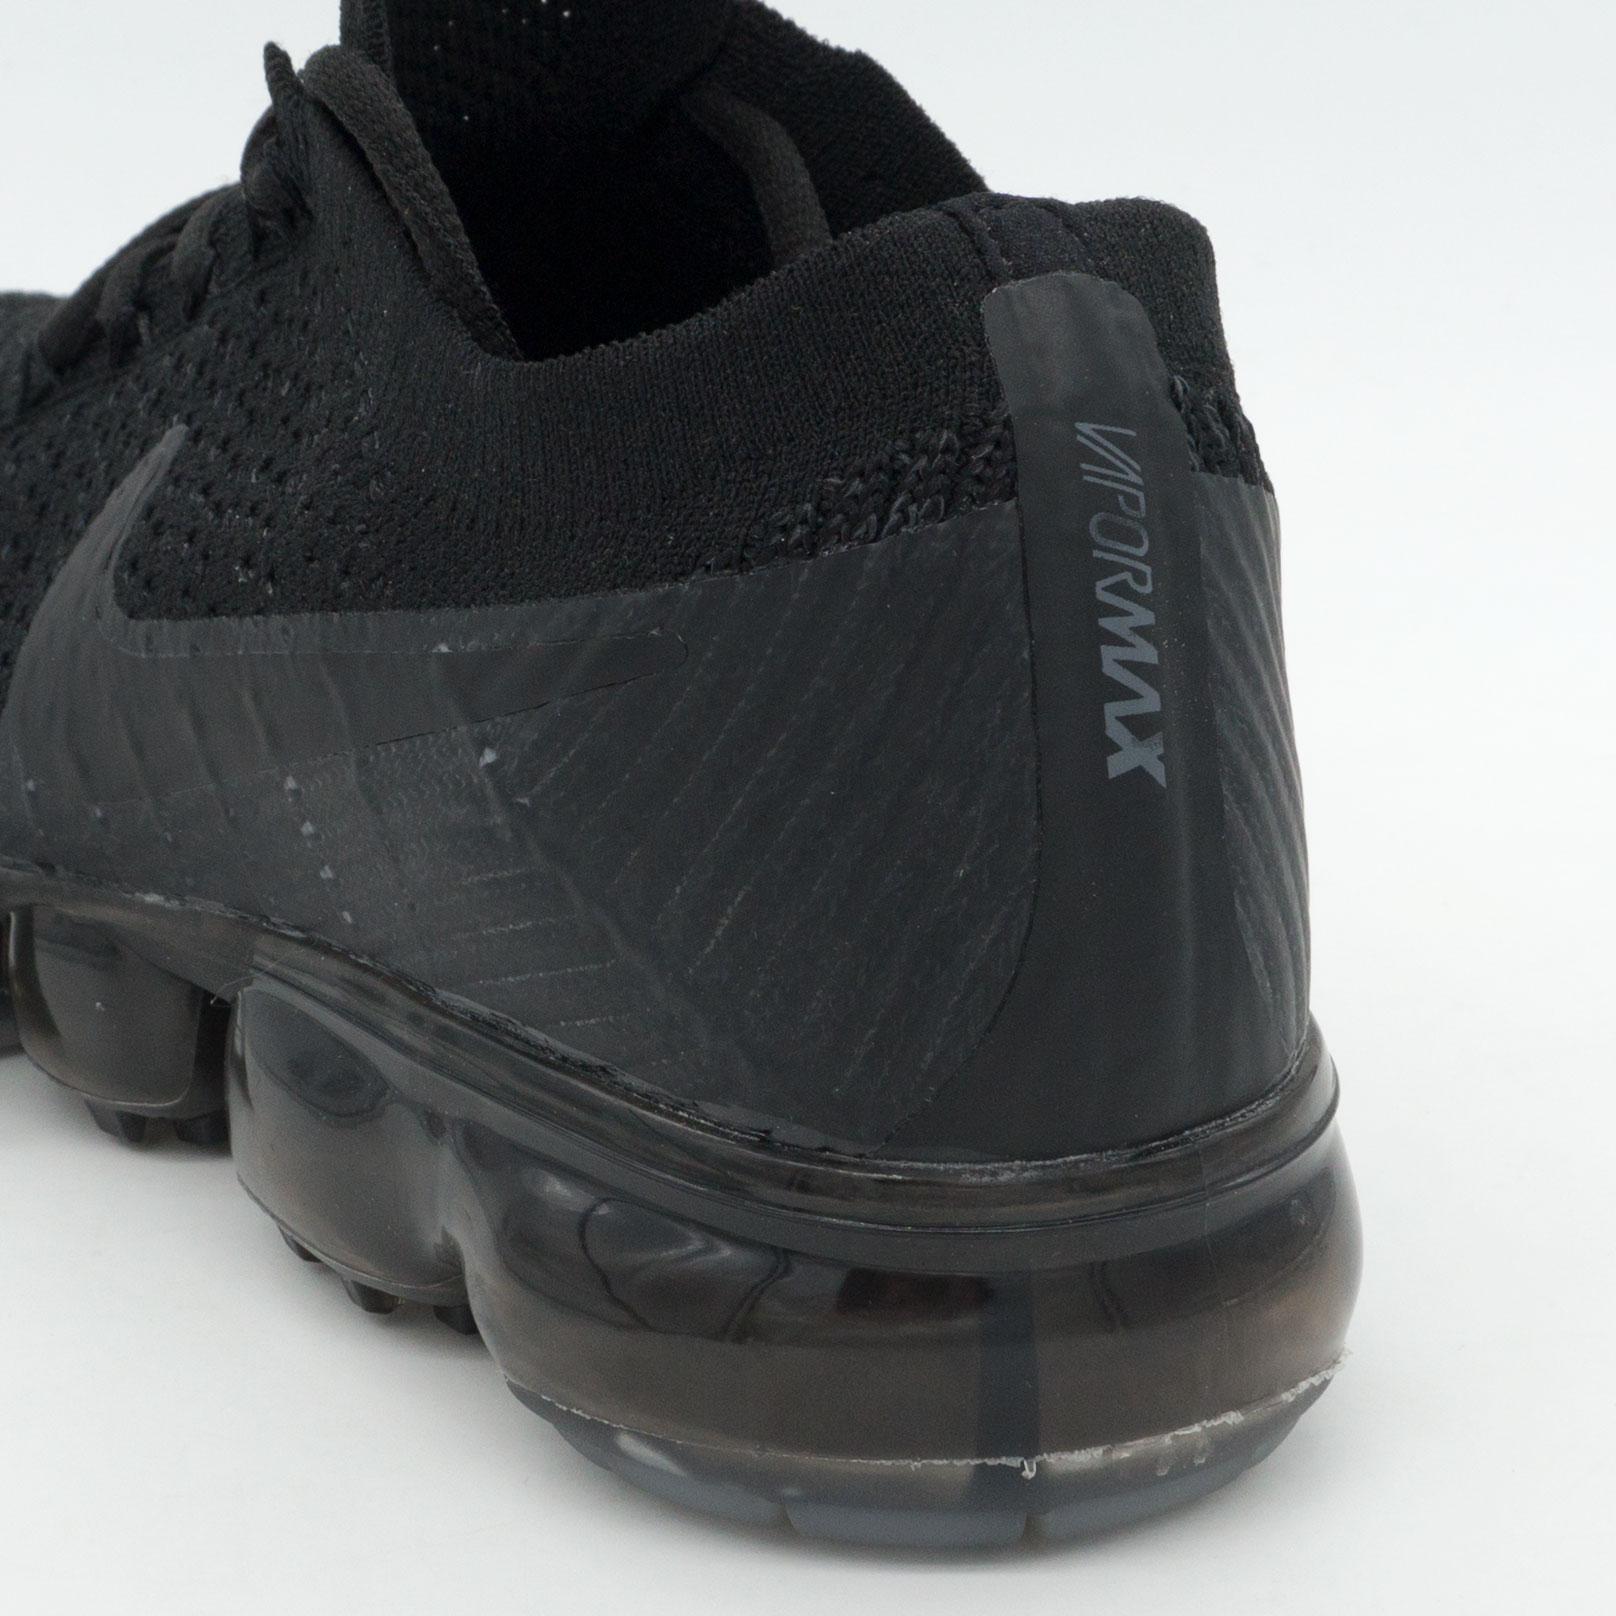 большое фото №6 Мужские кроссовки для бега Nike Air VaporMax полностью черные